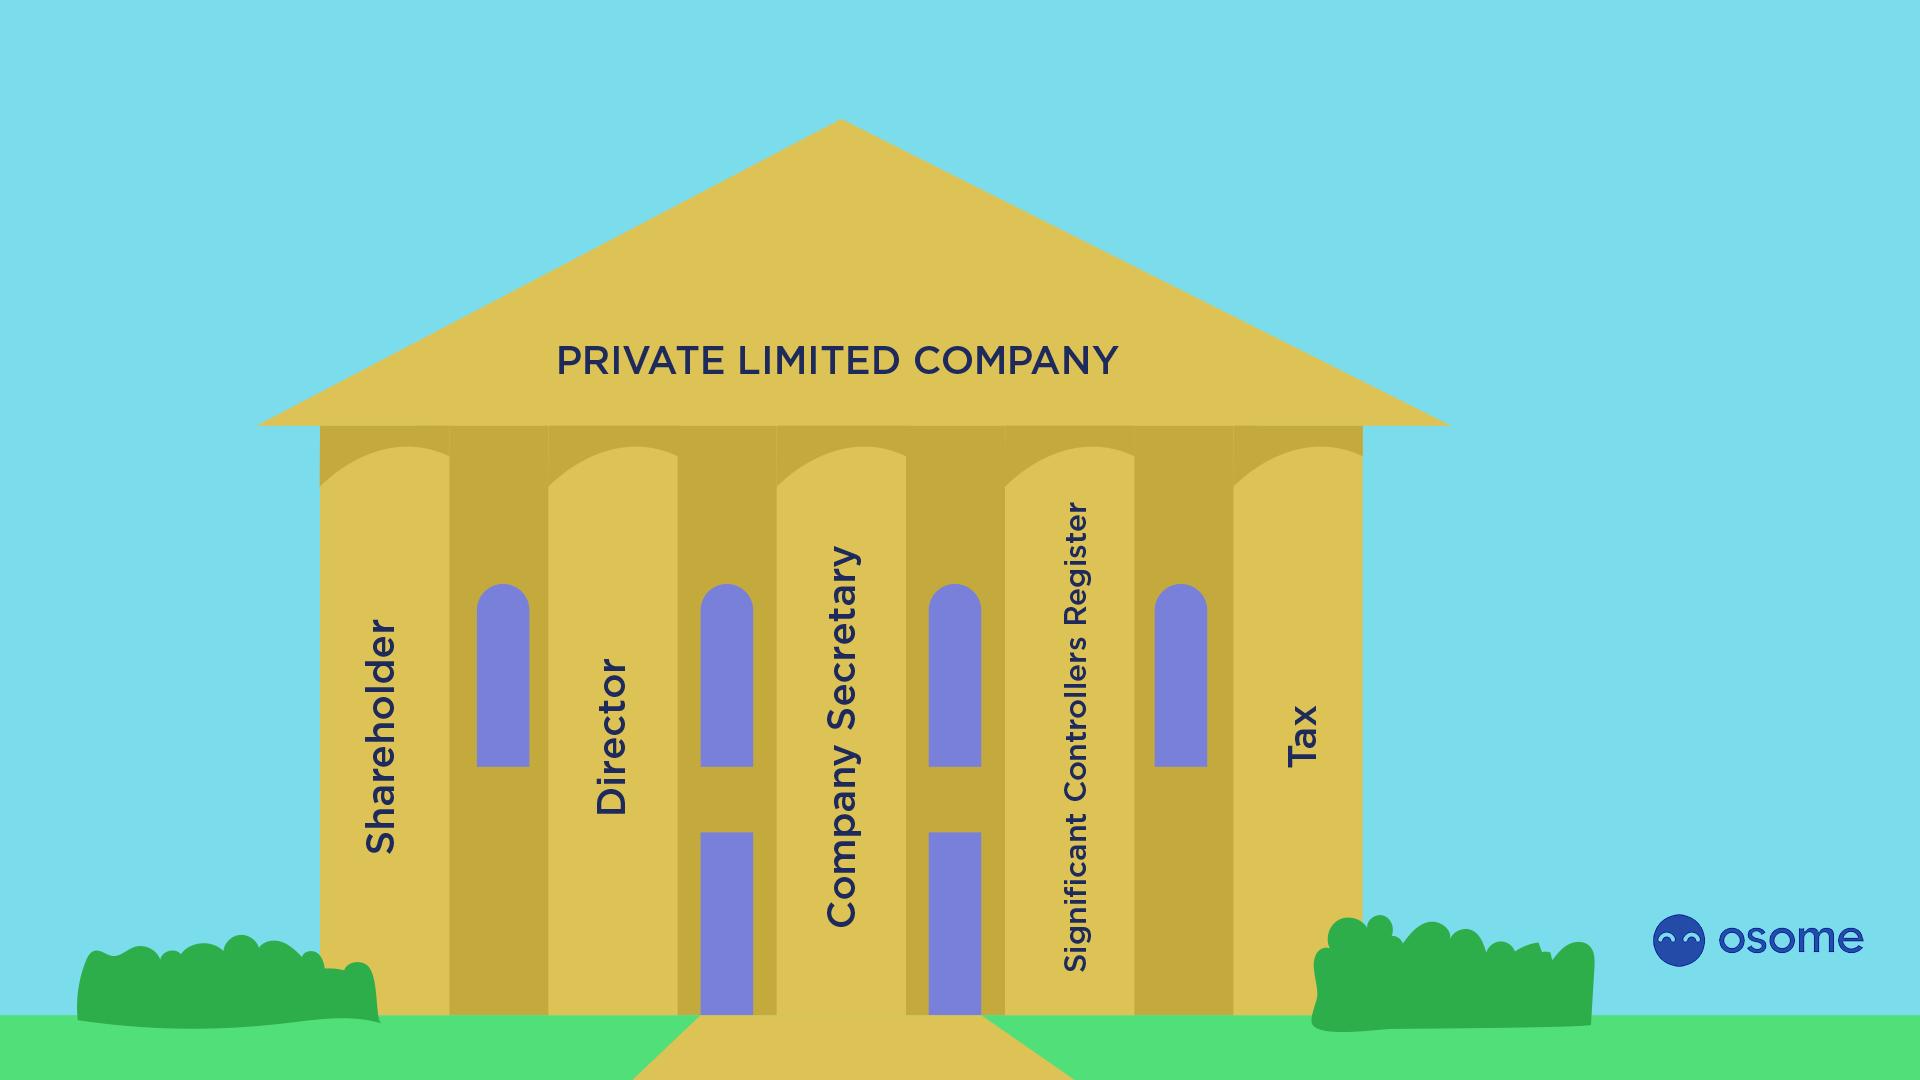 Company Elements